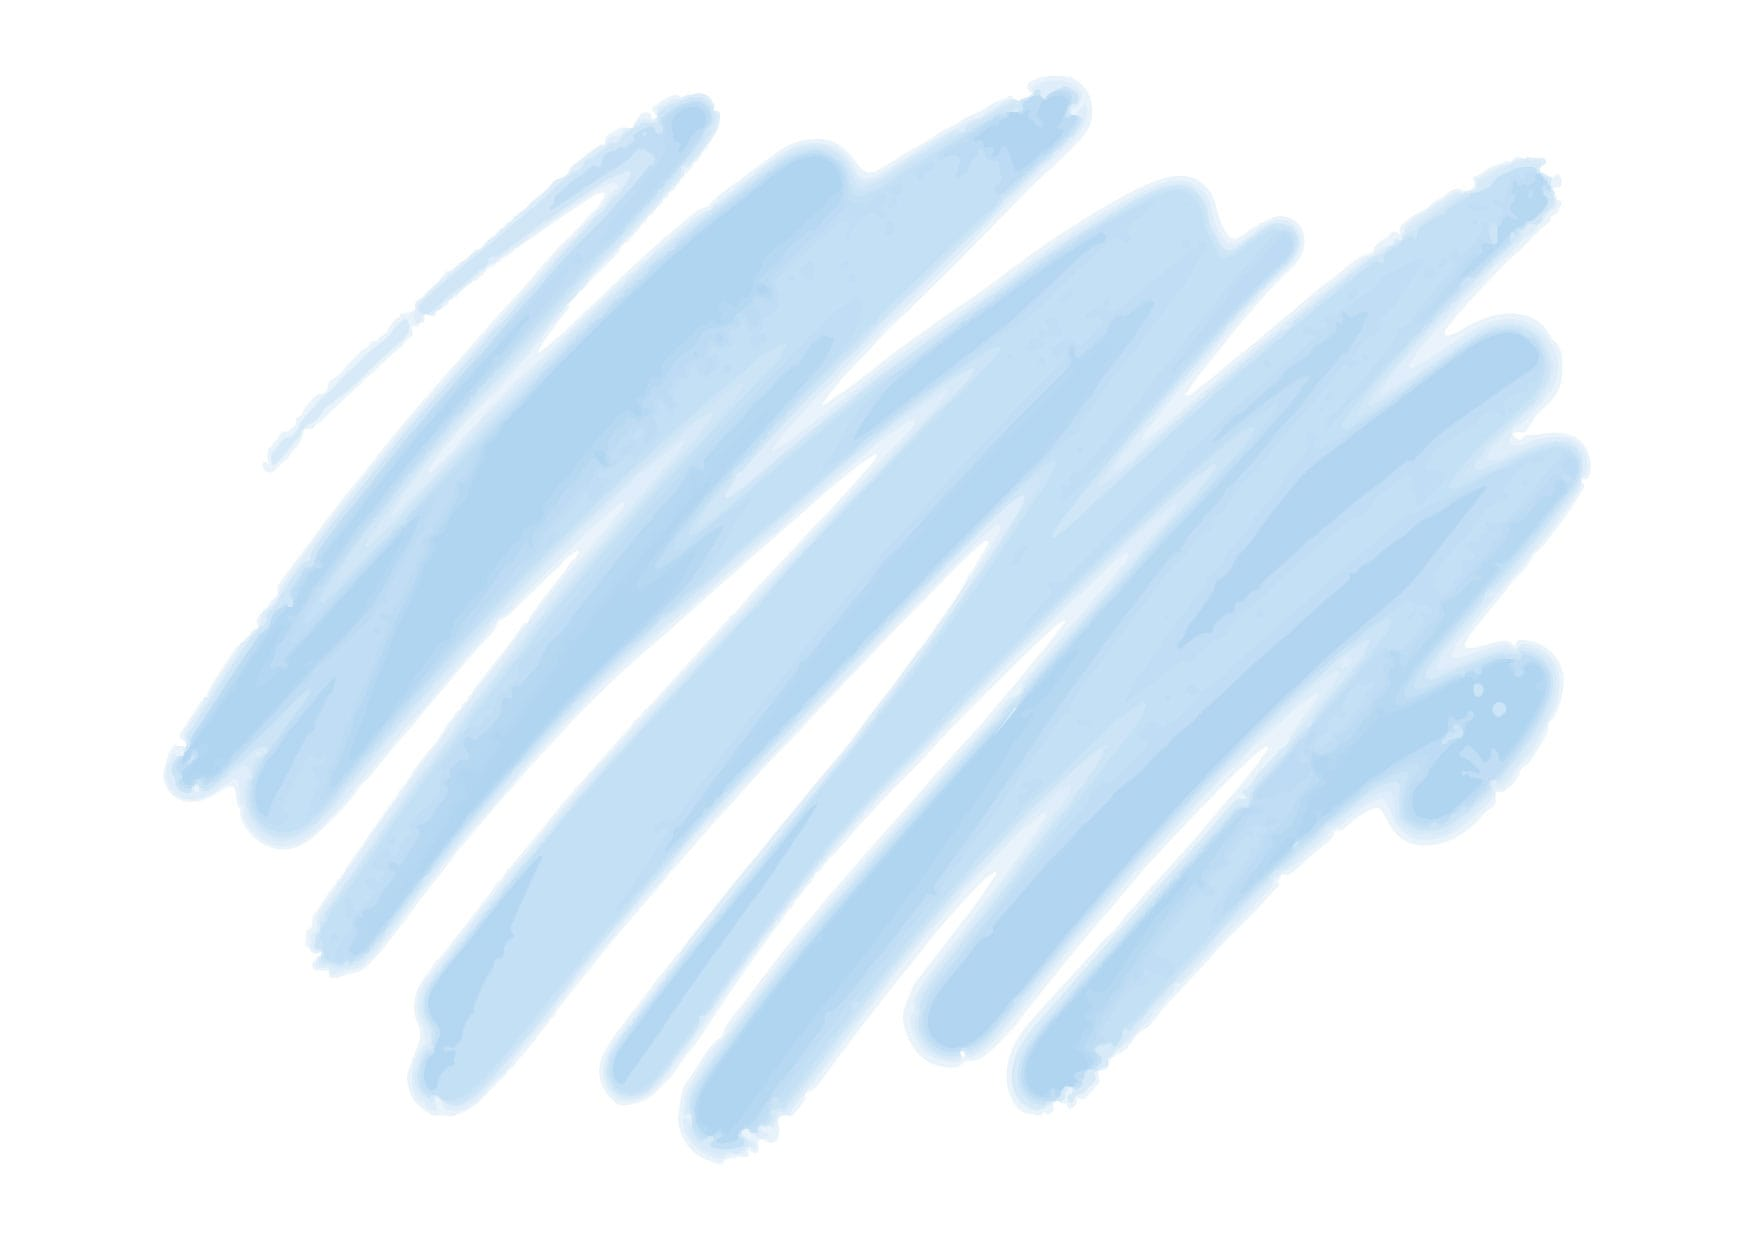 可愛いイラスト無料|水彩 落書き 背景 青色 − free illustration  Watercolor graffiti background blue